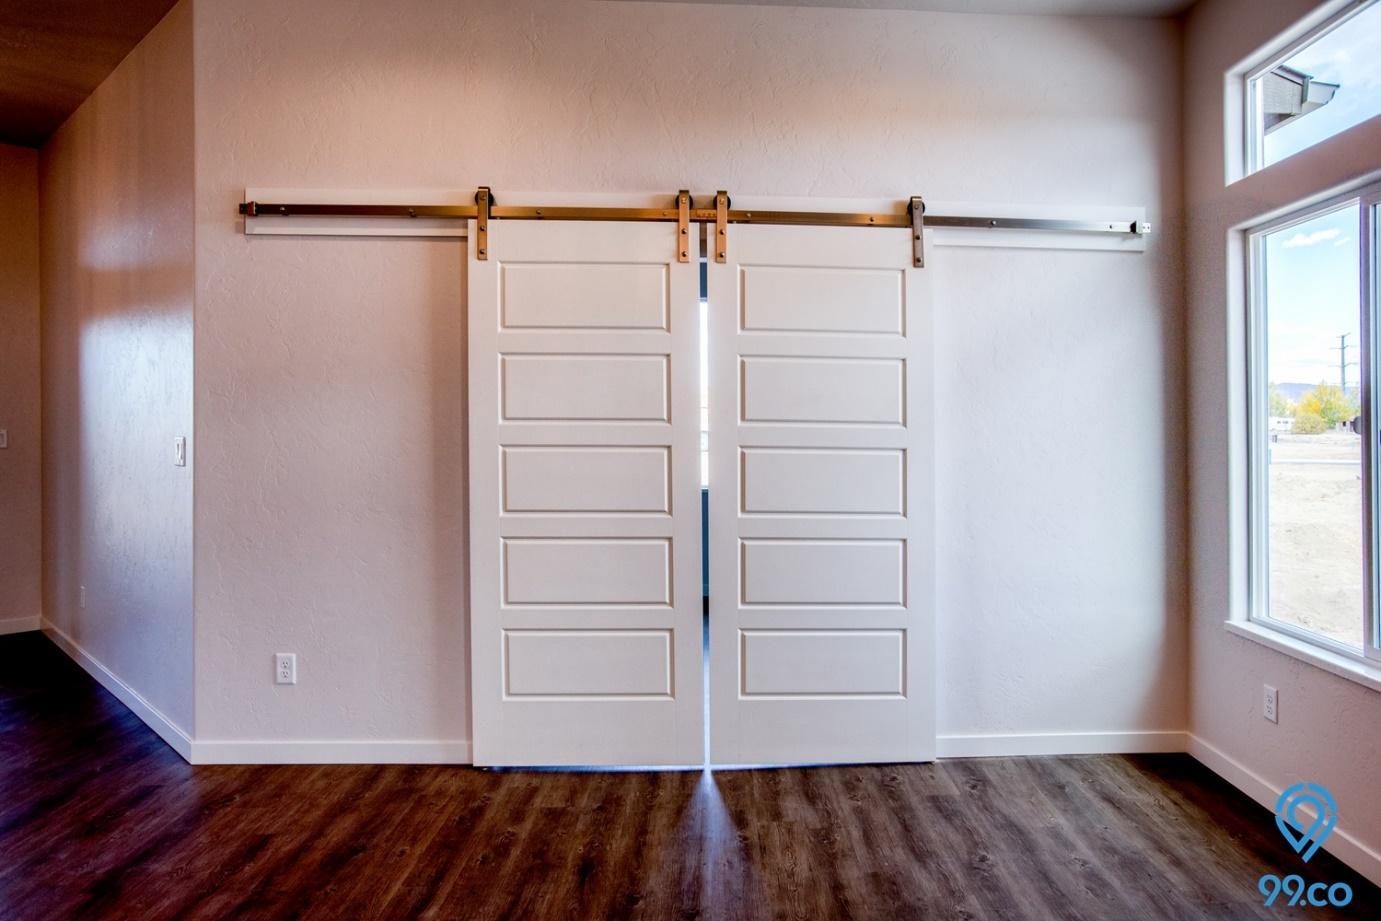 12 Inspirasi Bentuk Pintu Rumah Minimalis Tahun 2020